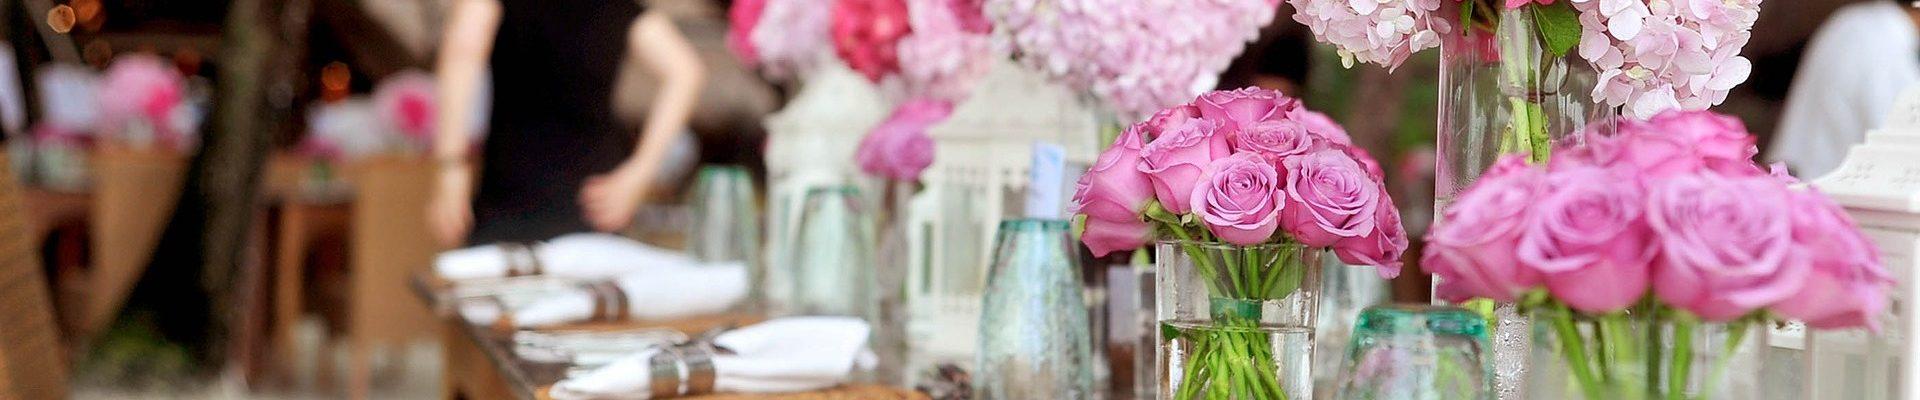 bouquet-1854074_1920